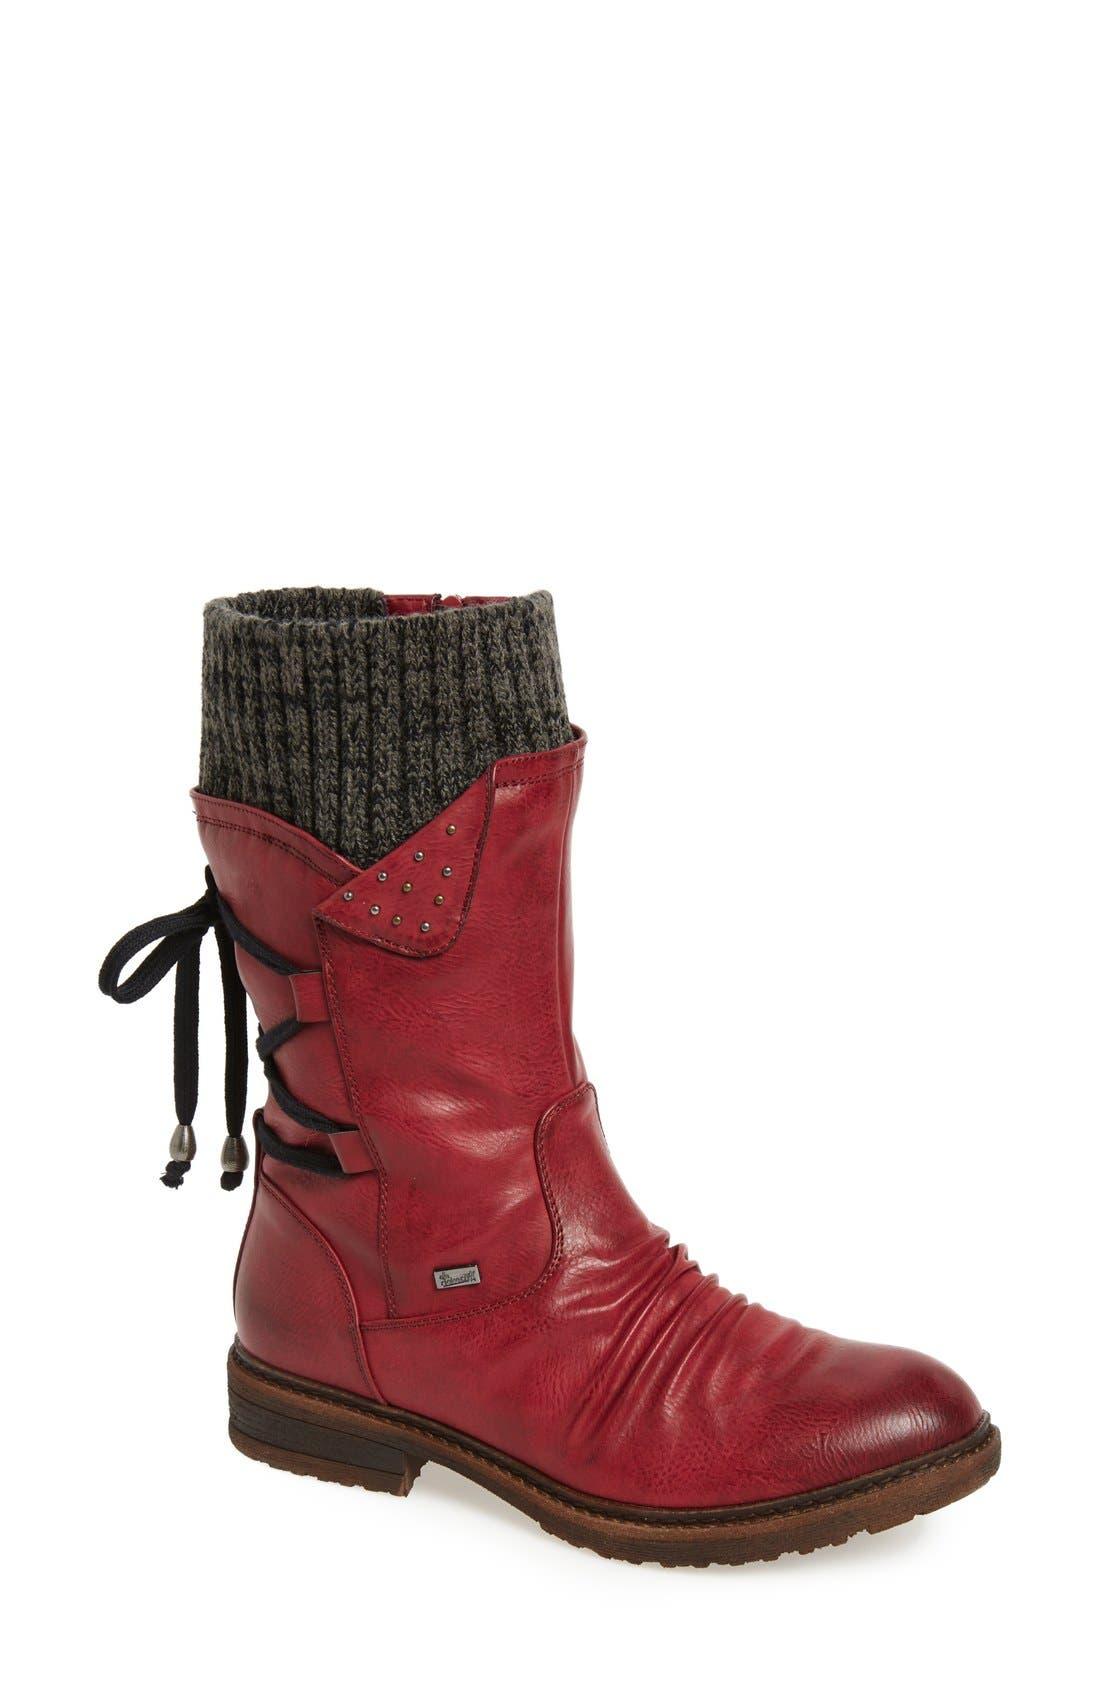 Dominika 73 Water Resistant Boot,                             Main thumbnail 1, color,                             Burgundy/ Black